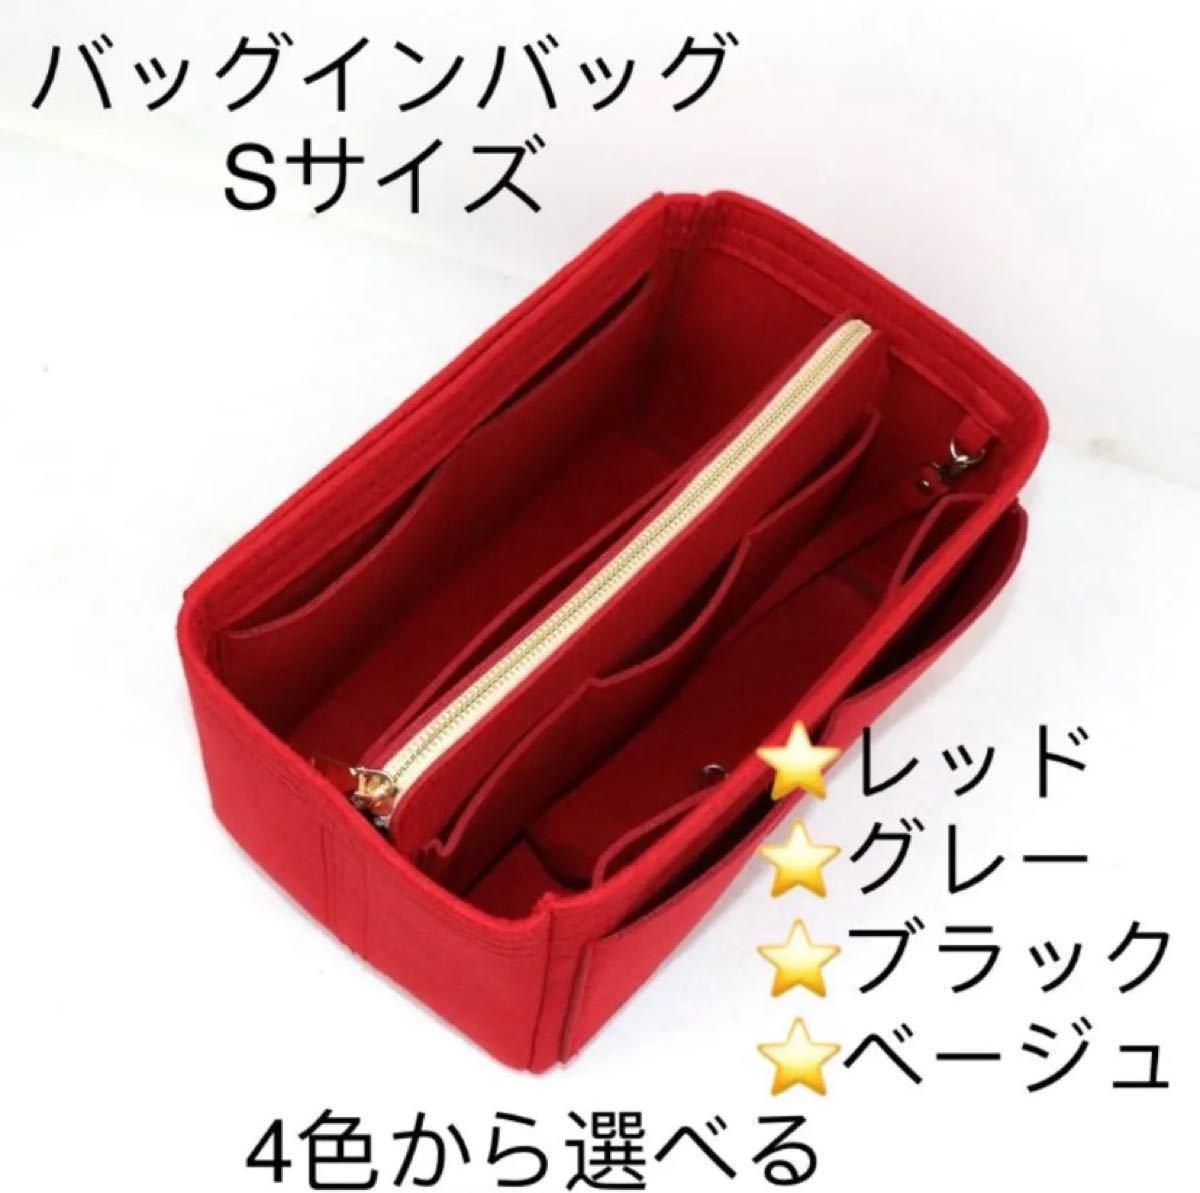 バッグインバッグ インナーバッグ 収納バッグ 化粧ポーチ